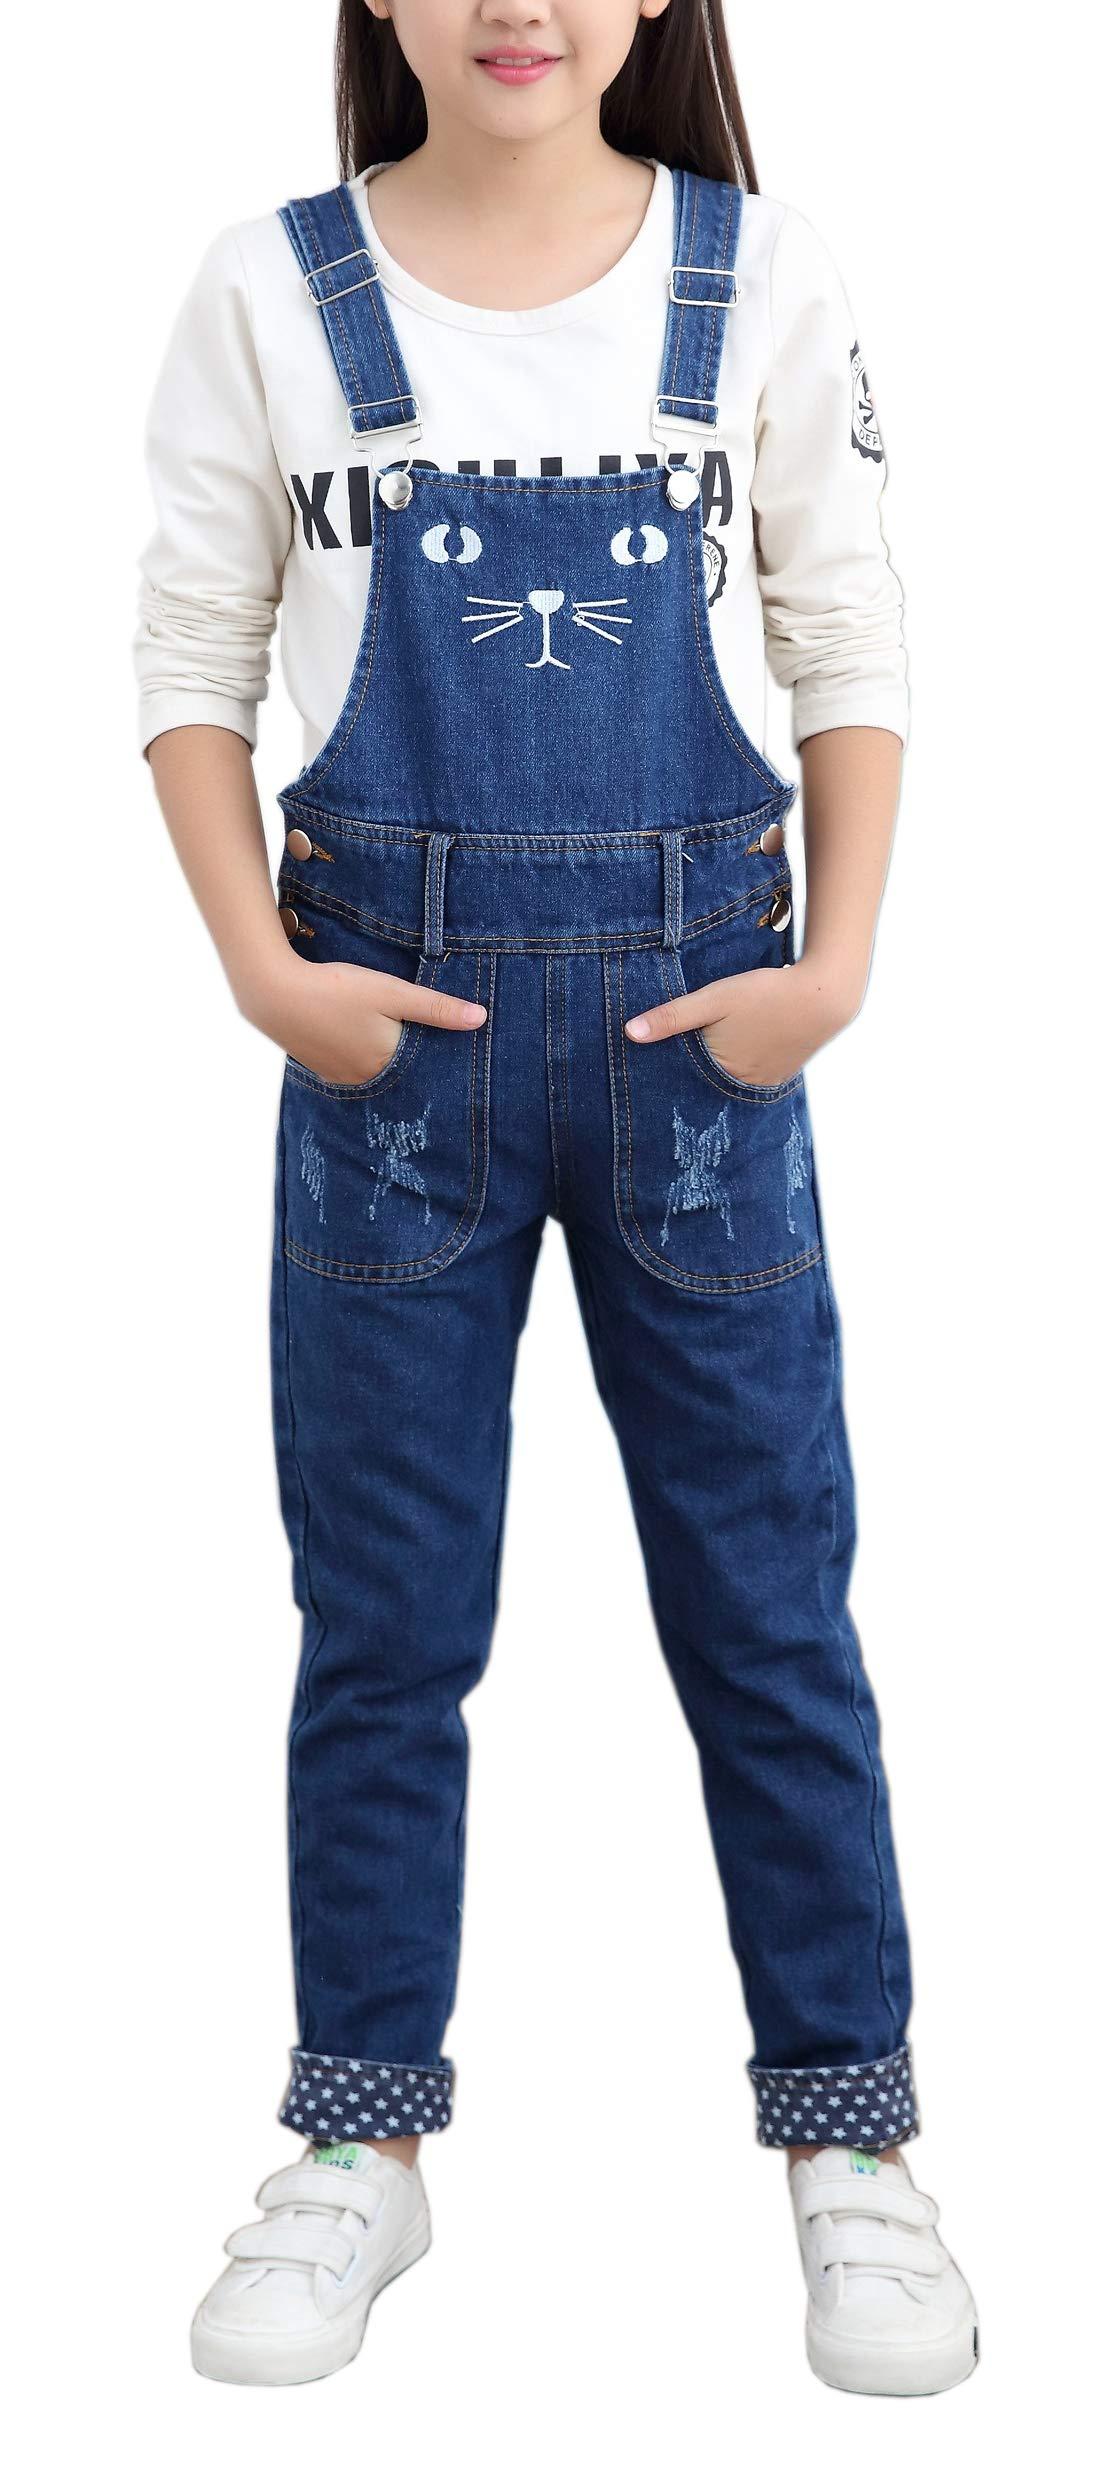 Sitmptol Girls Big Kids Fashion Jumpsuits Jeans Cotton Denim Bib Overalls Romper Blue 120